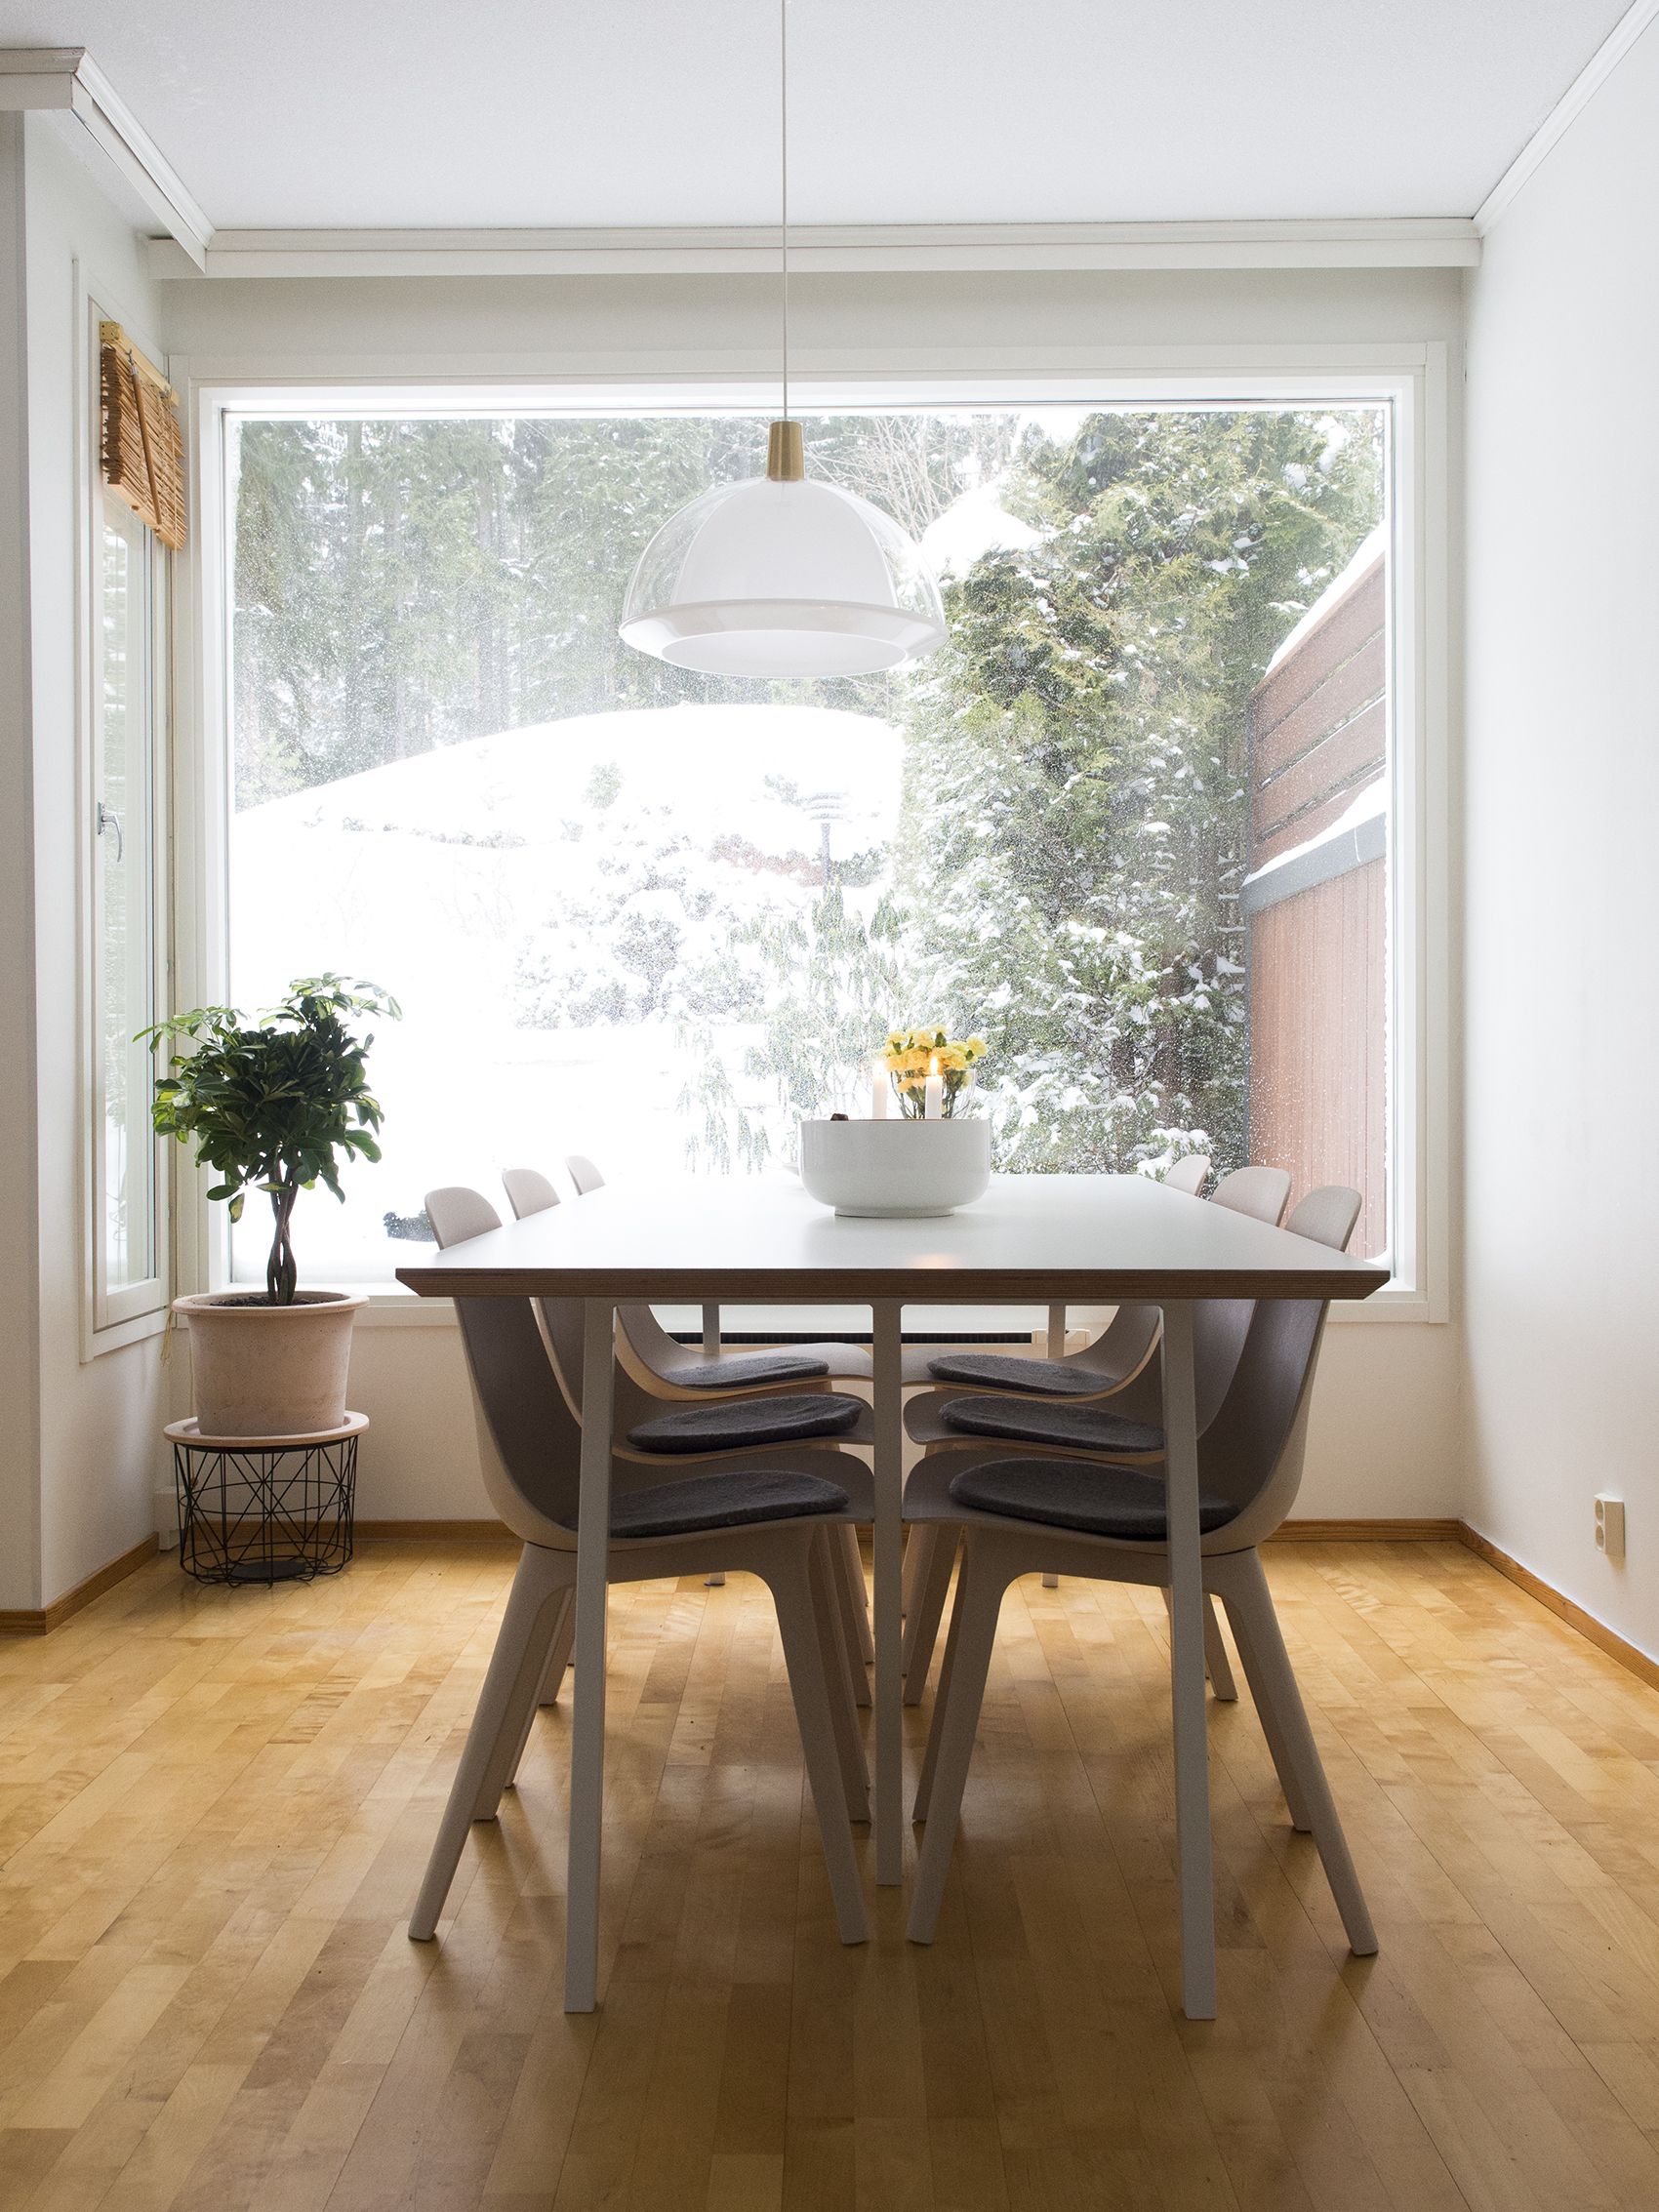 Uusi koti uudella paikkakunnalla - valoa tulvii ikkunoista